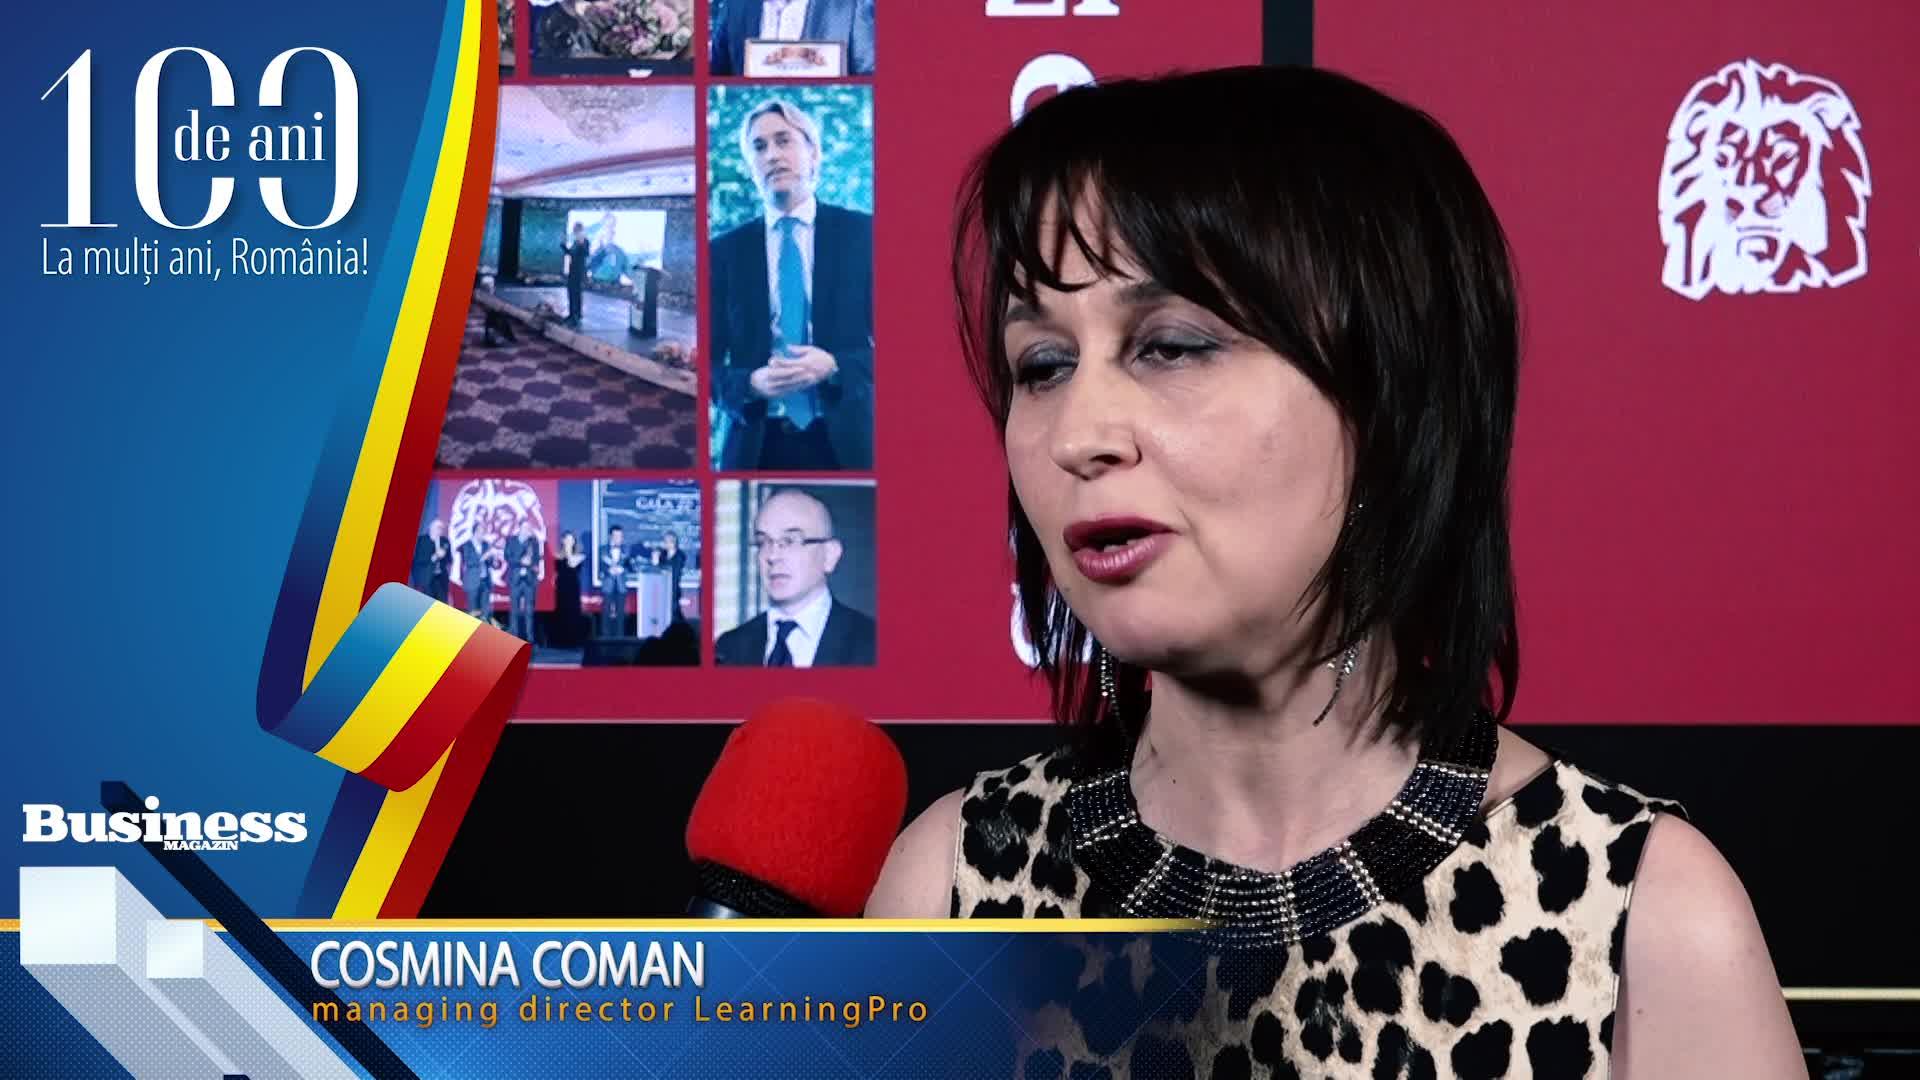 """Cosmina Coman, managing director LearningPro: """"Aici ai potenţialul de a face lucruri şi de a mişca lucruri care îţi aduc satisfacţie!"""" - VIDEO"""